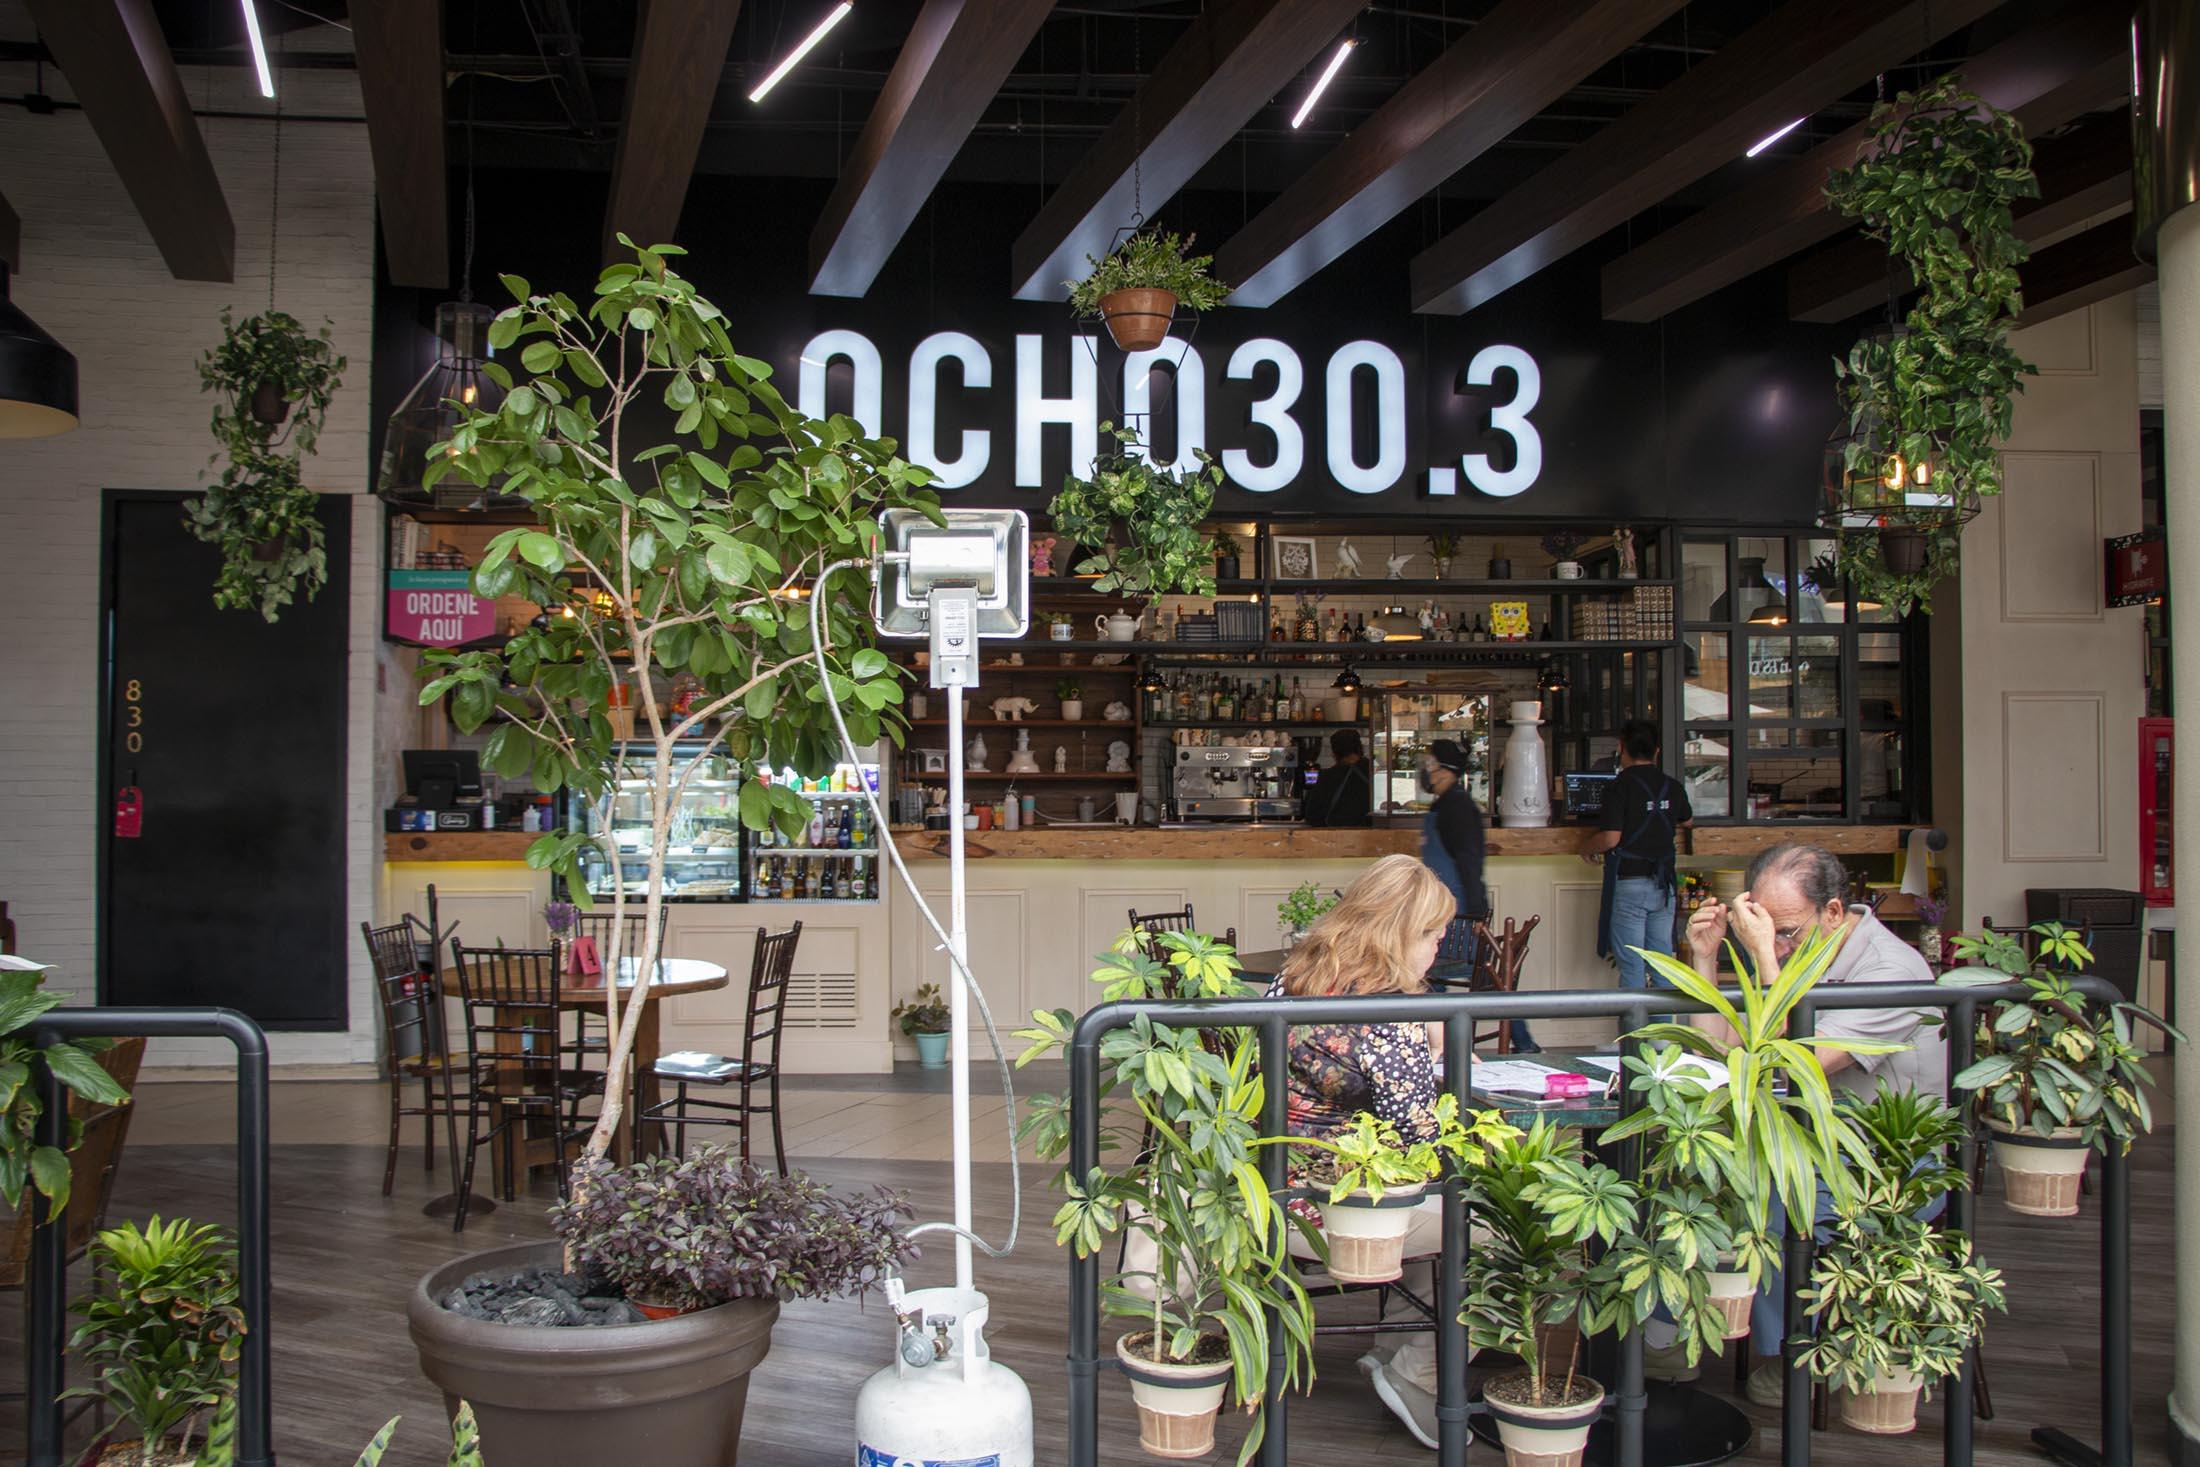 Galería 2 De Ocho30